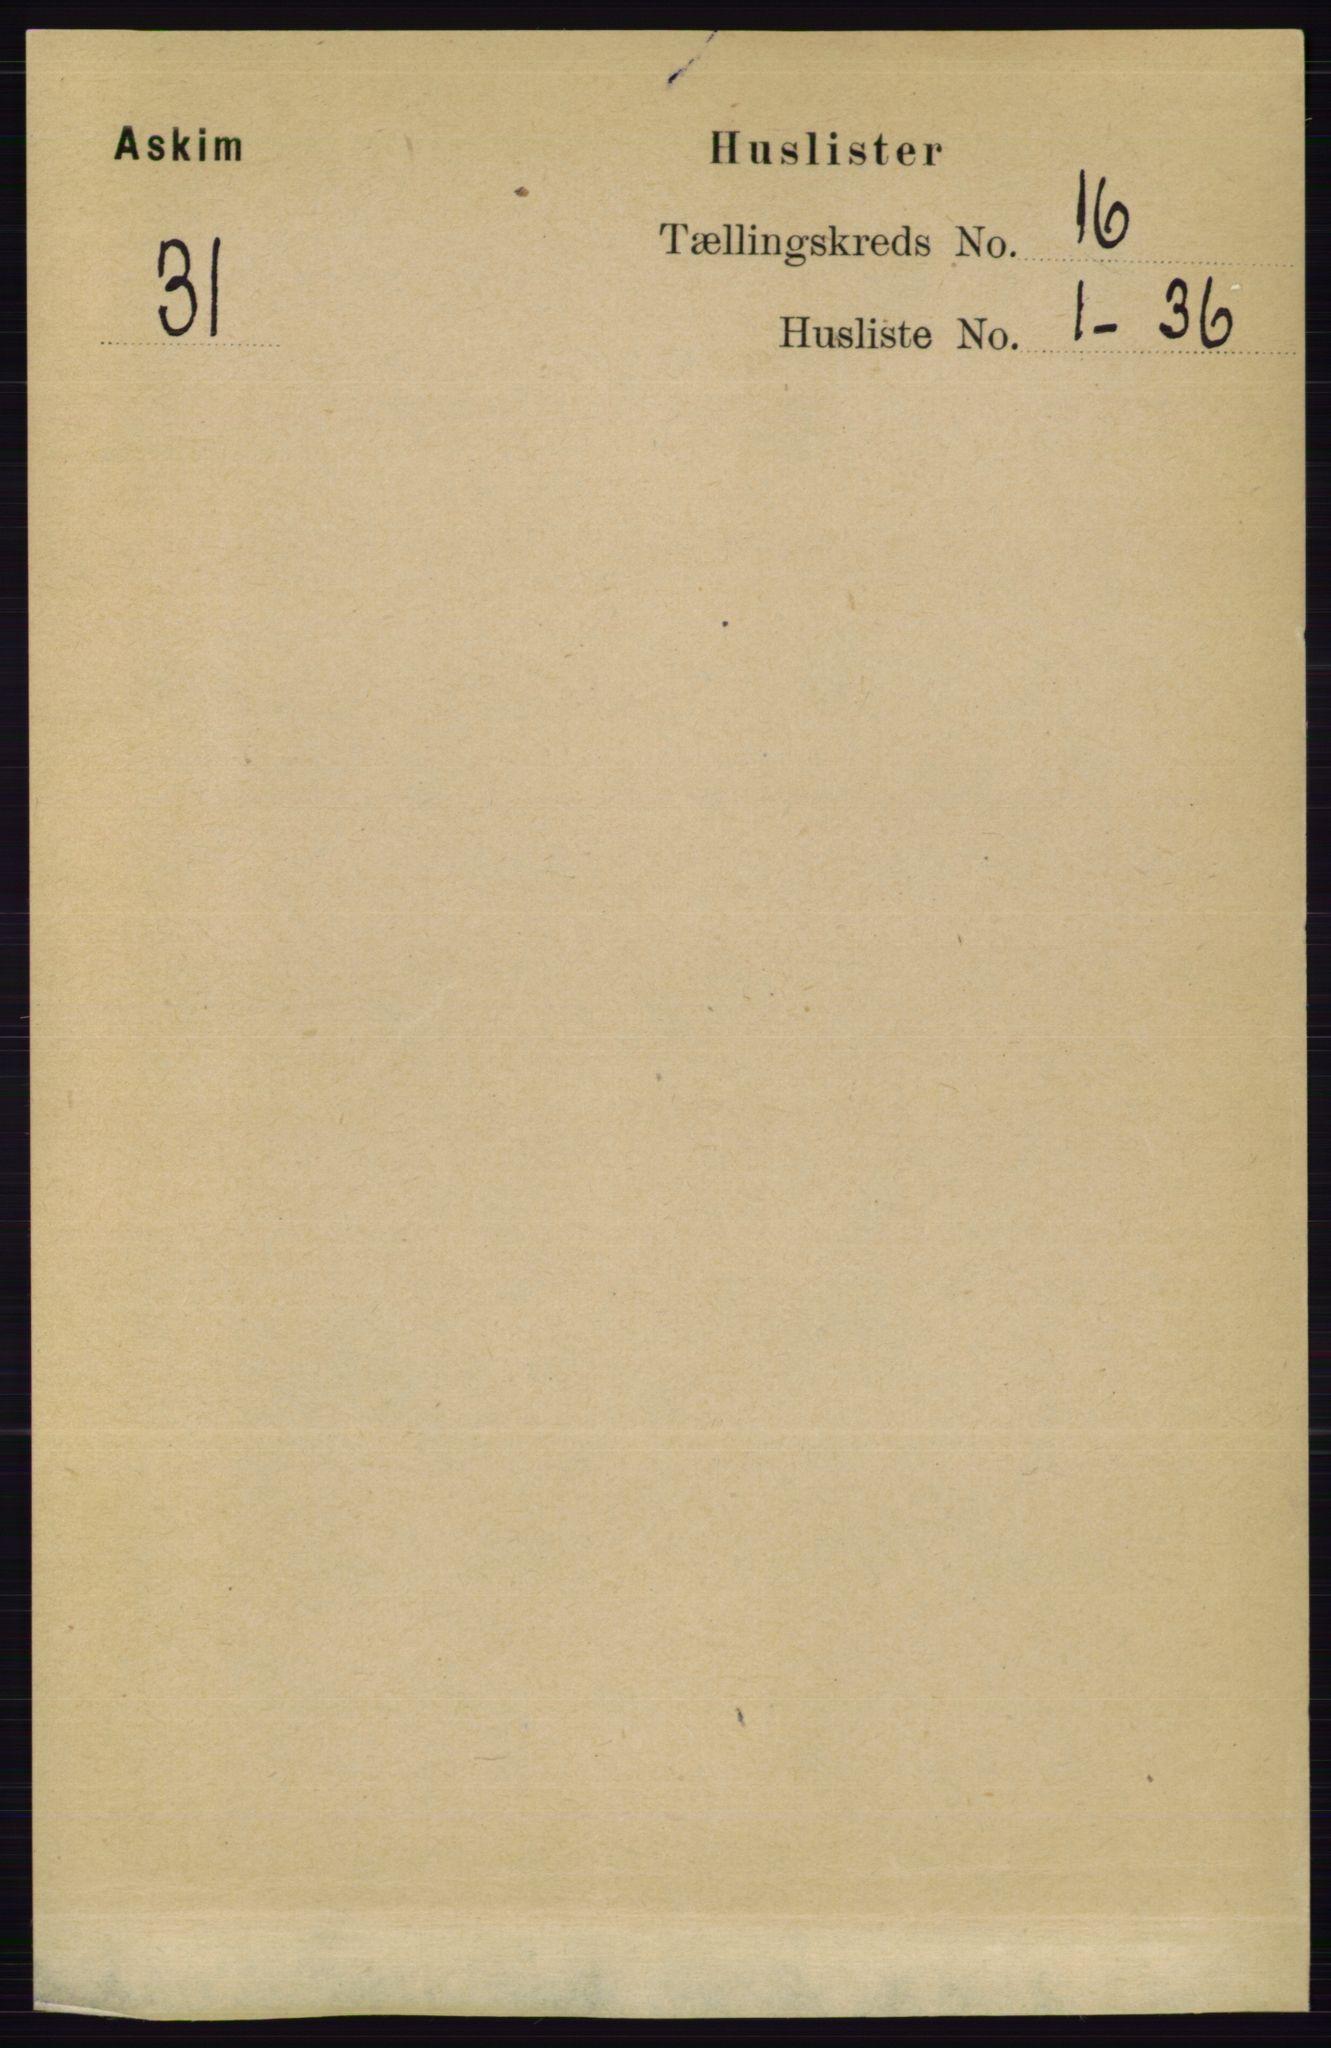 RA, Folketelling 1891 for 0124 Askim herred, 1891, s. 2602